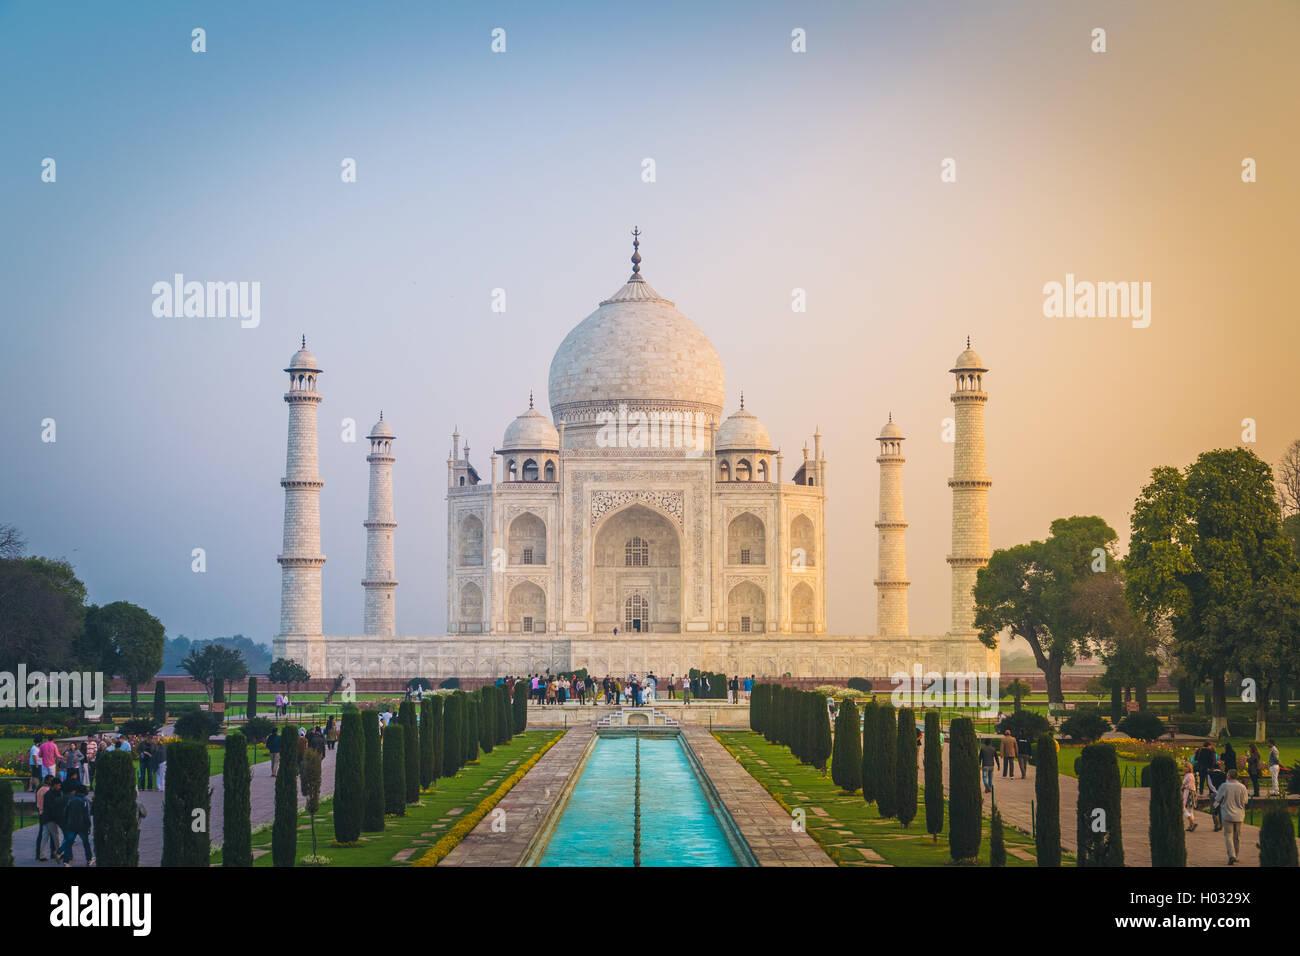 AGRA, India - 28 de febrero de 2015: Vista del Taj Mahal, en frente de la gran puerta. Lado Sur. Imagen De Stock